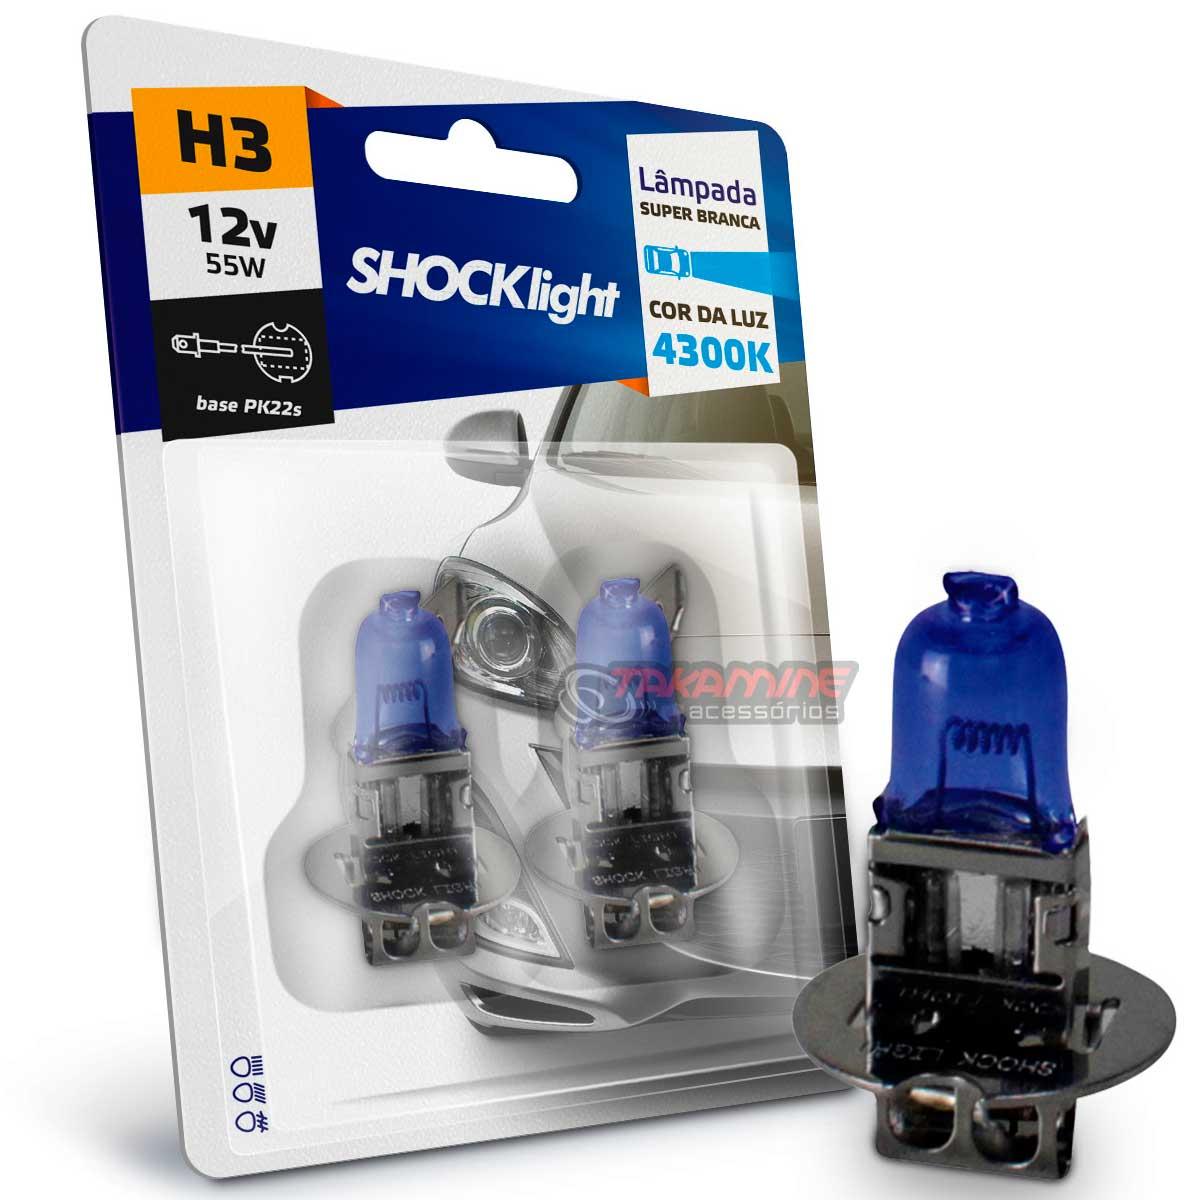 Lâmpada super branca H3 4300K 55w 12v